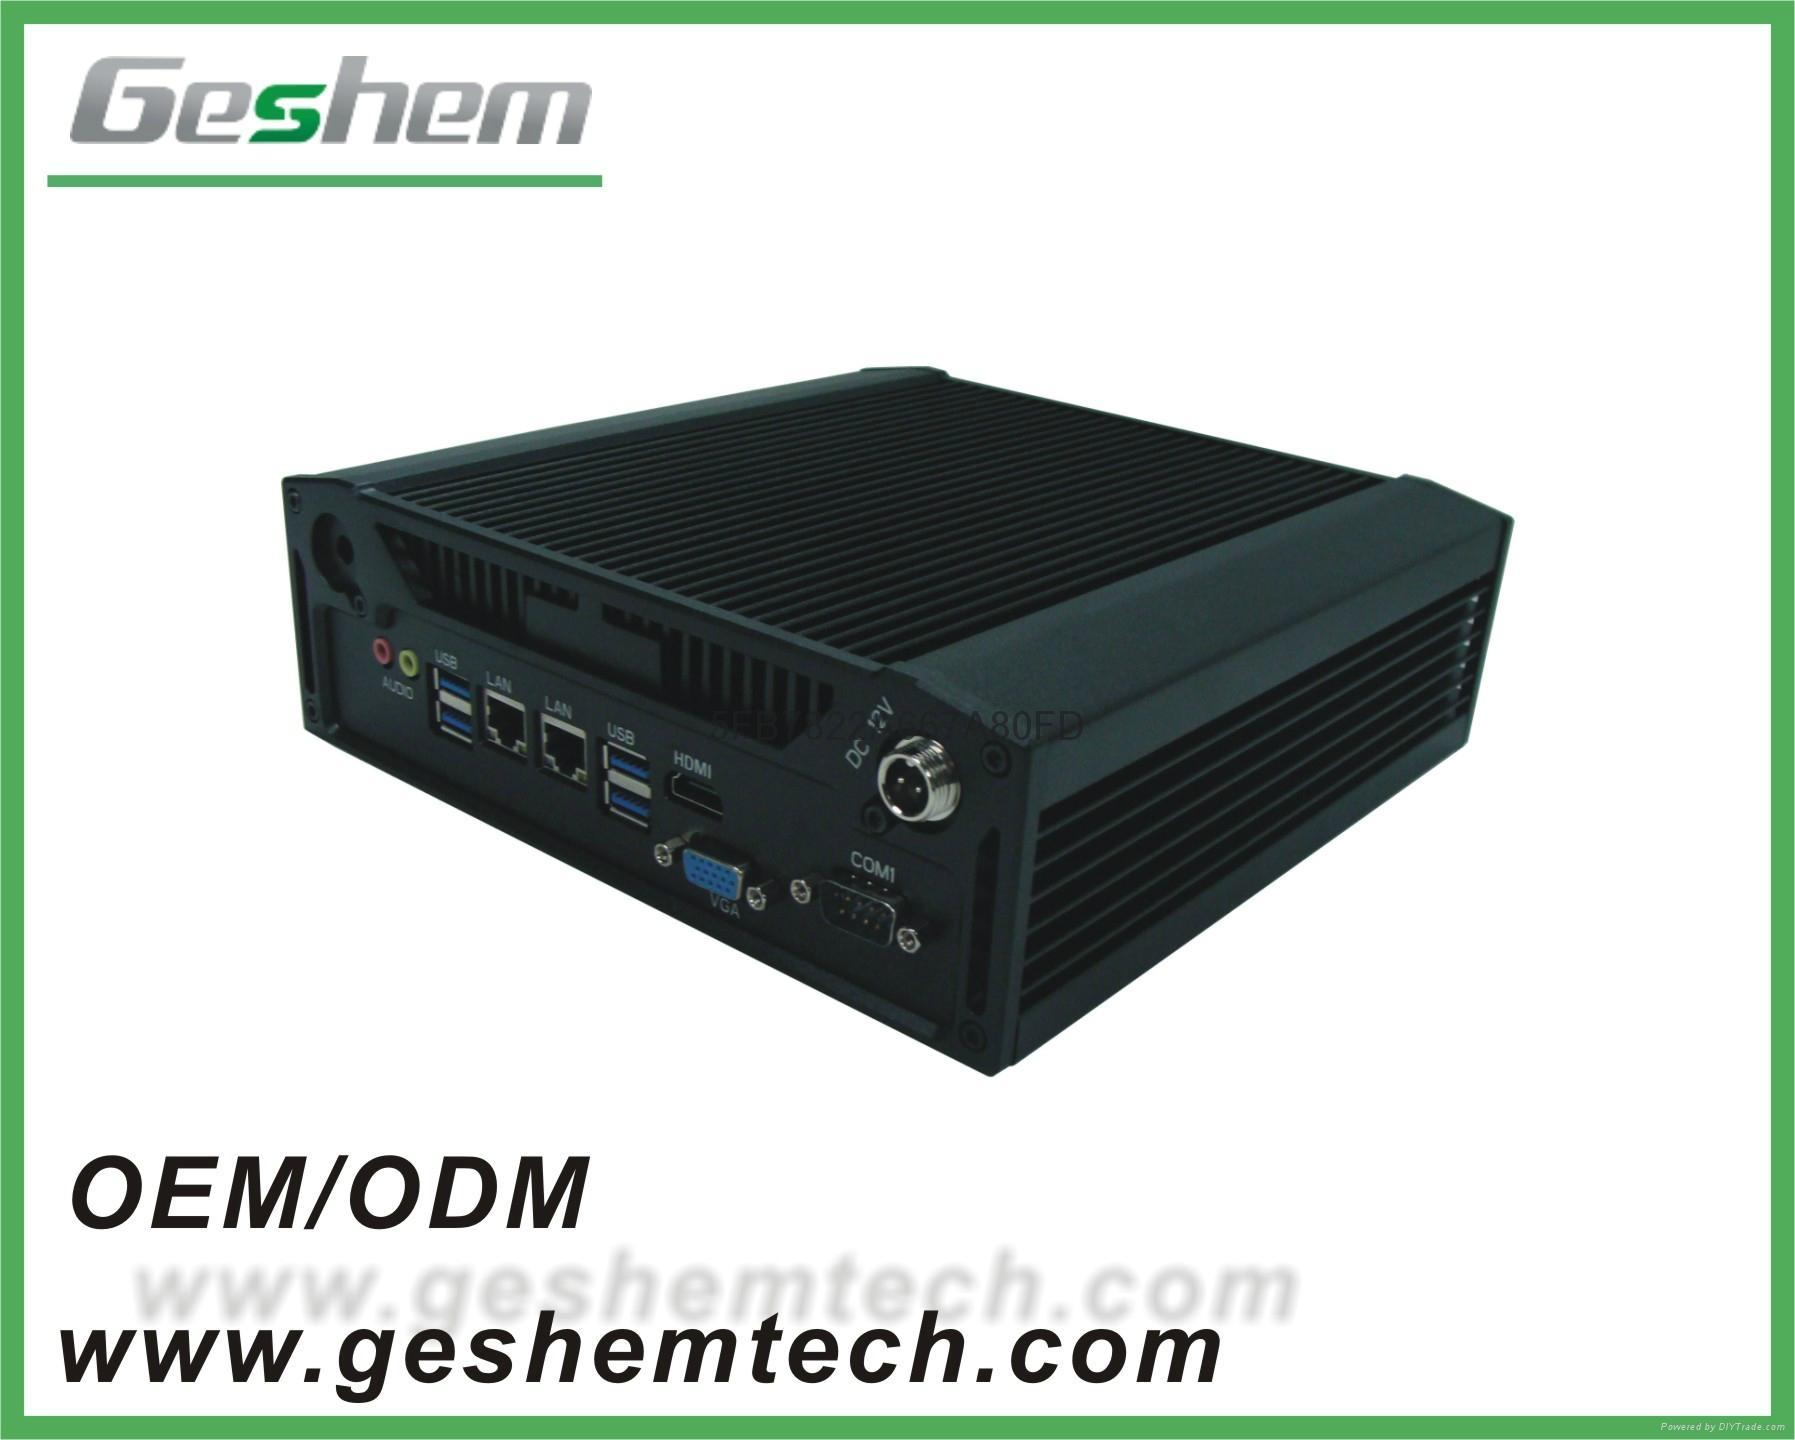 四代酷睿I3/I5/I7迷你無風扇嵌入式安裝合式工控機 1